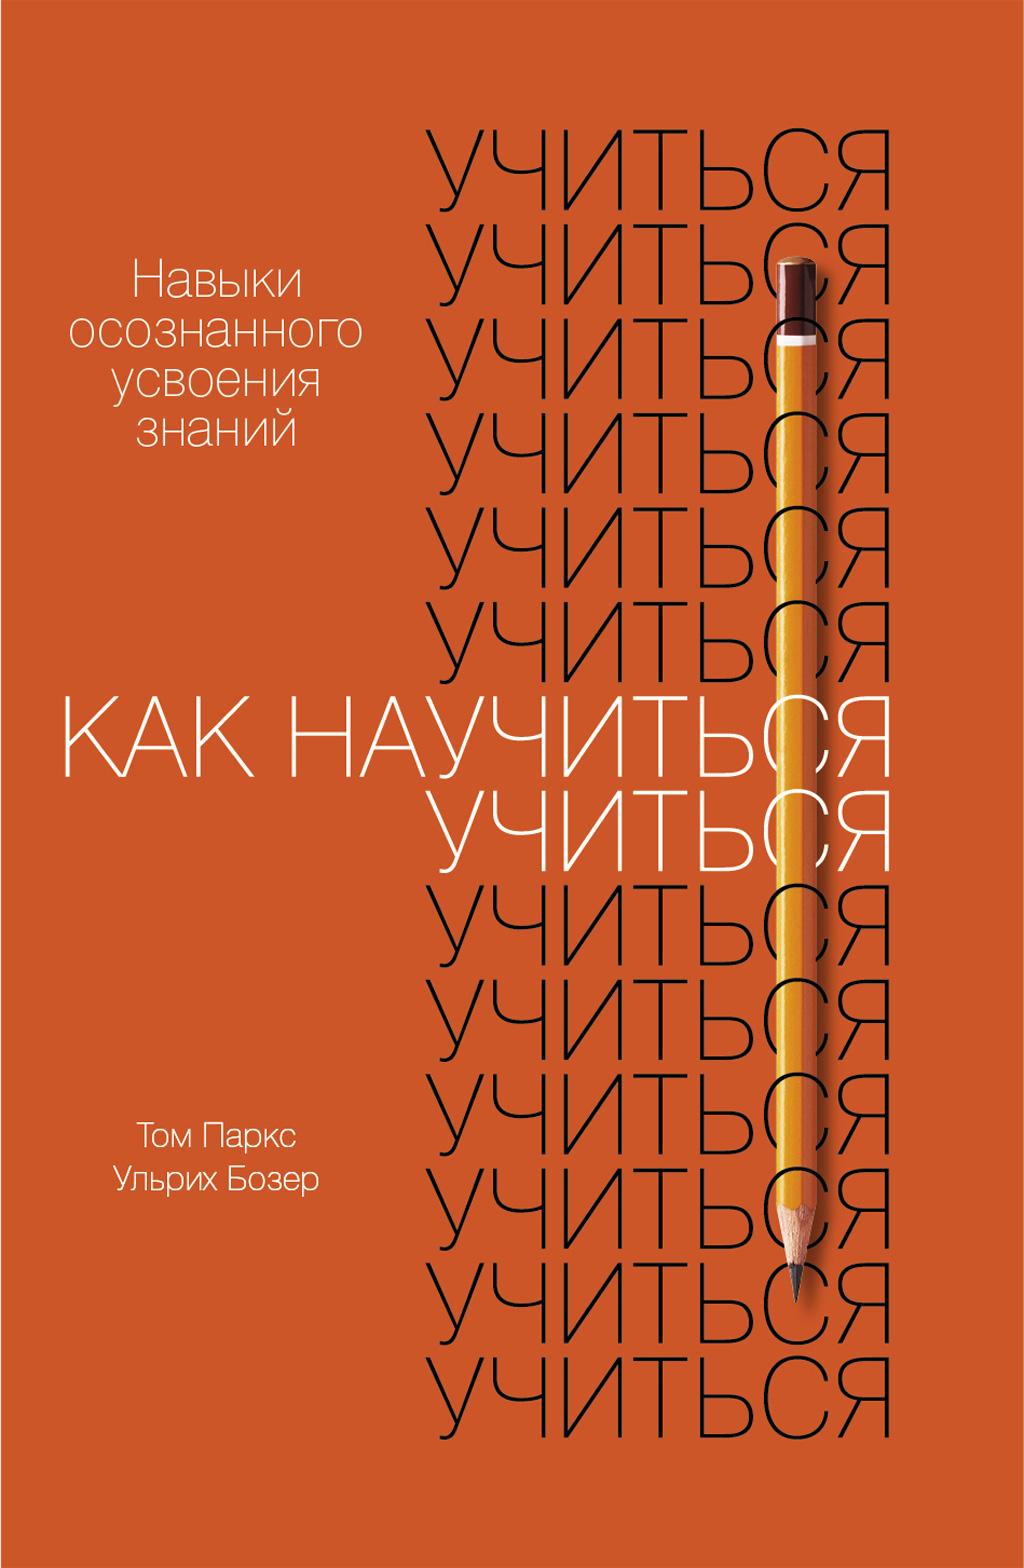 Купить книгу Как научиться учиться, автора Ульриха Бозера